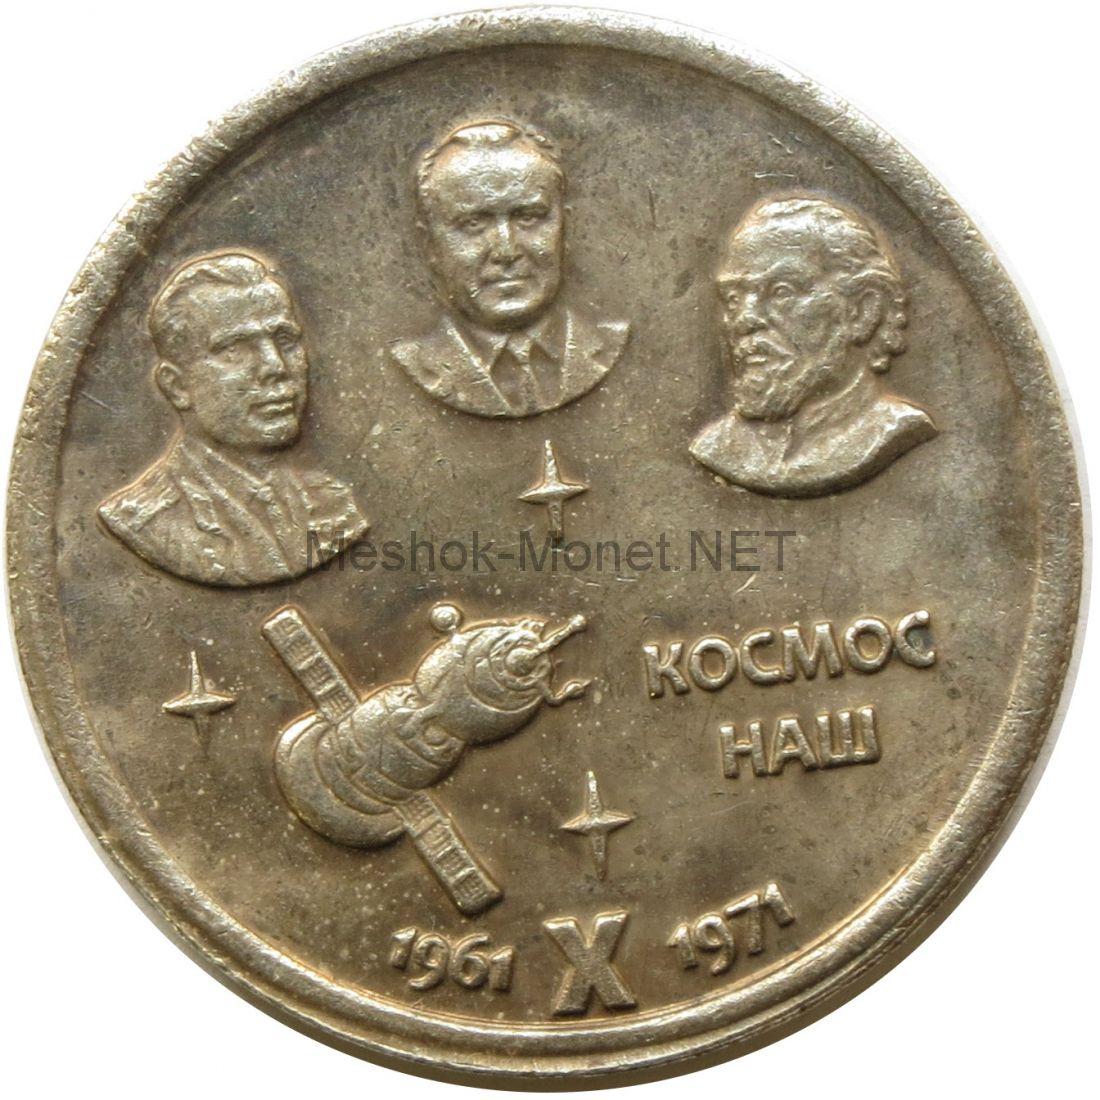 Копия 1 рубль 1971 года космос наш.